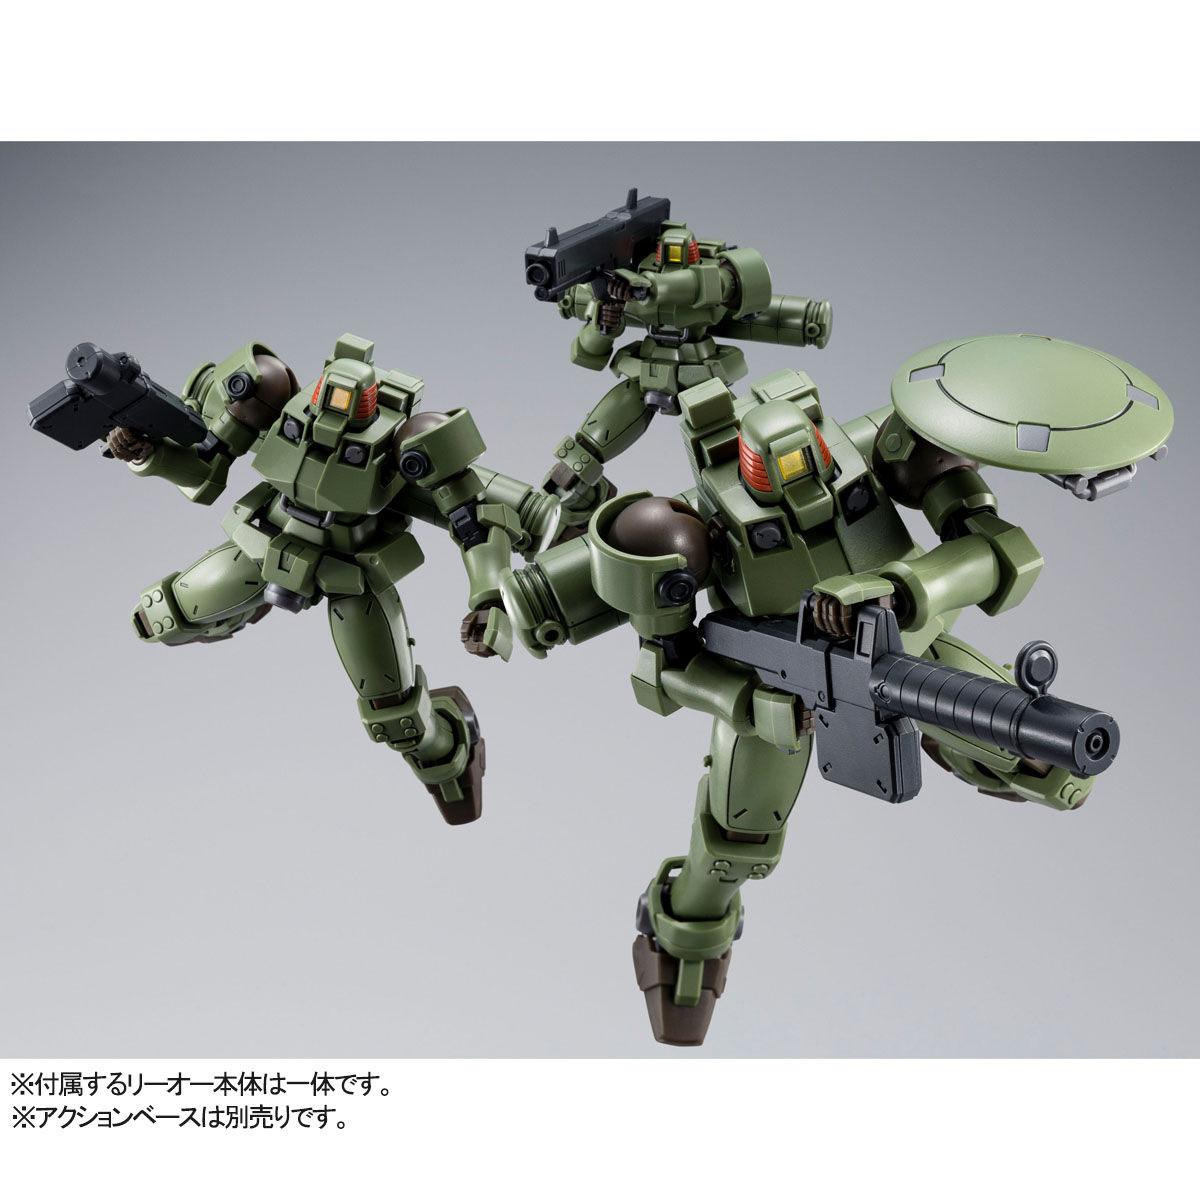 【限定販売】HG 1/144『リーオー(フルウェポンセット)』ガンダムW プラモデル-008